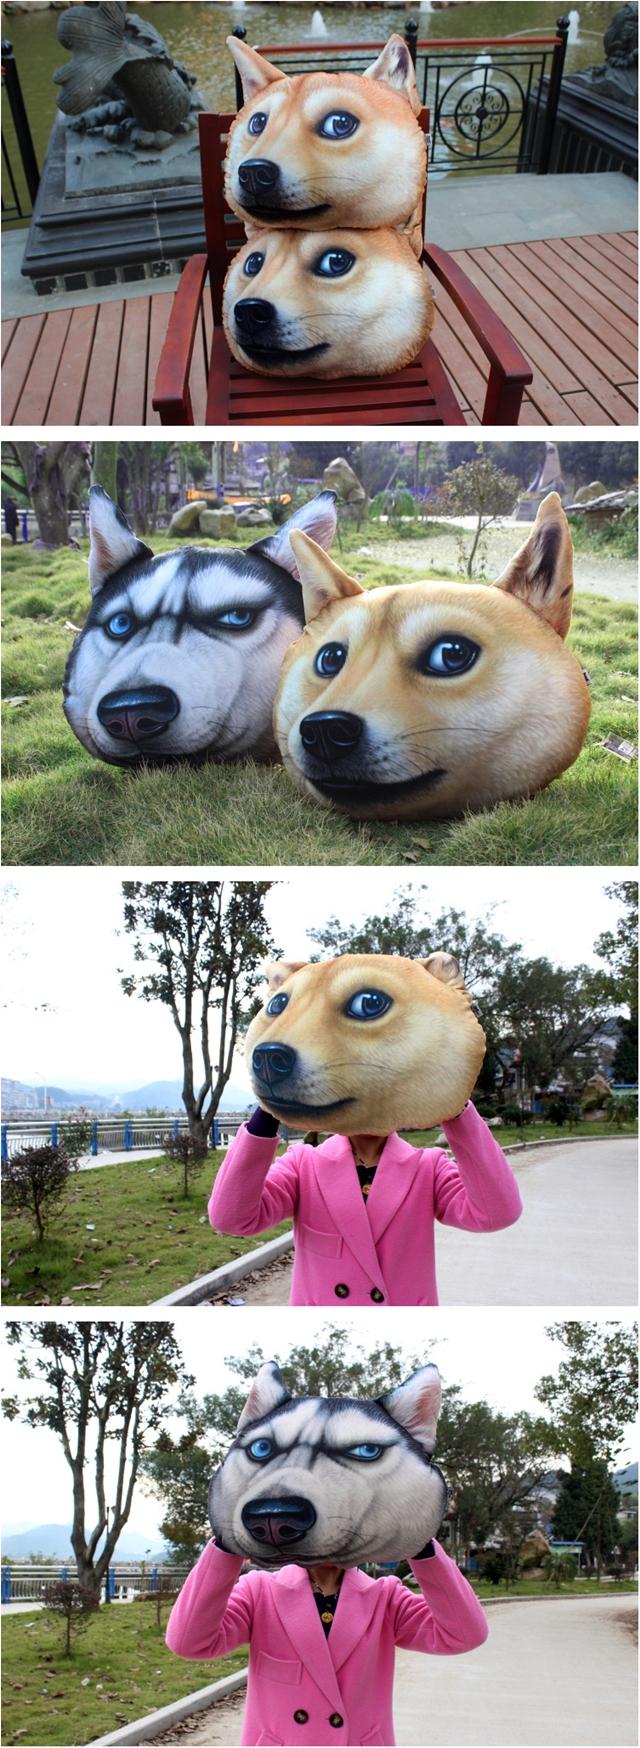 หมอนอิง รูปสุนัข 3D ขนาด 50x40 cm